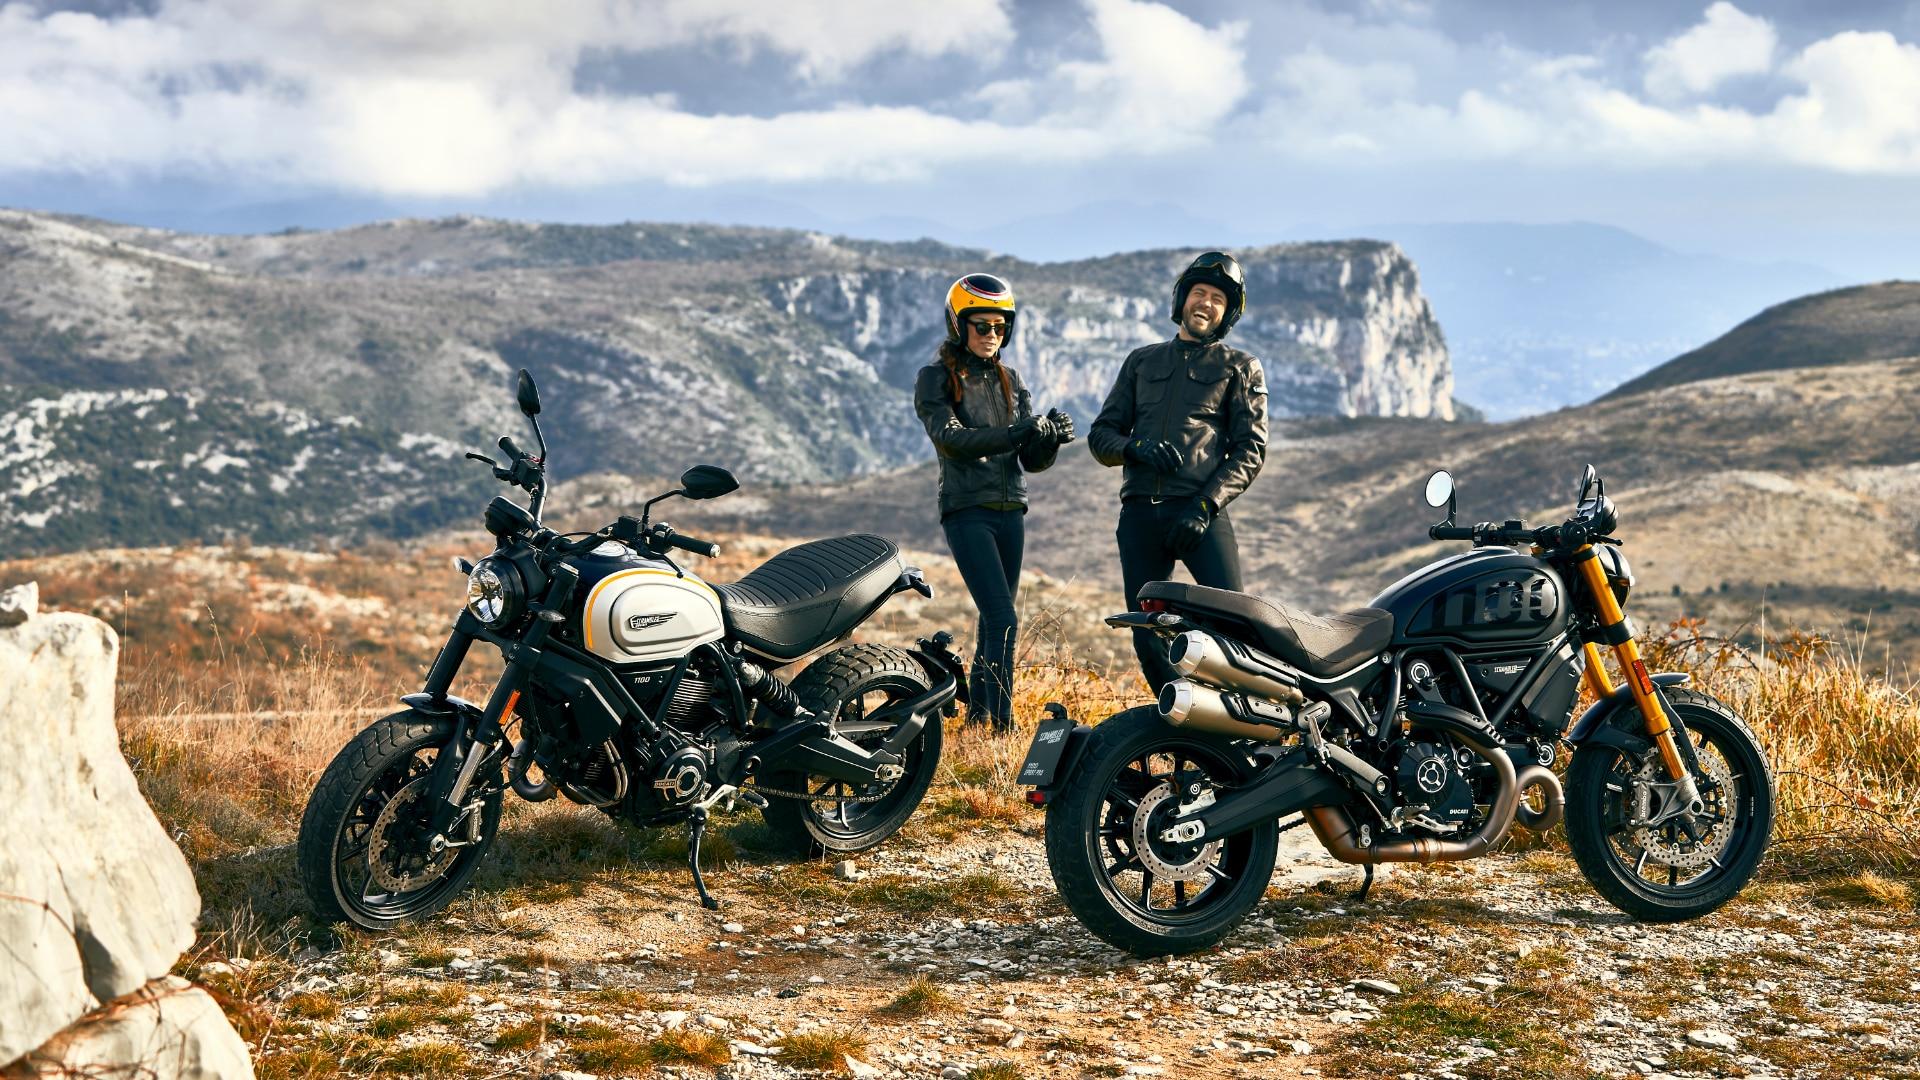 Ducati Scrambler 1100 BS6 India Launch Date Announced